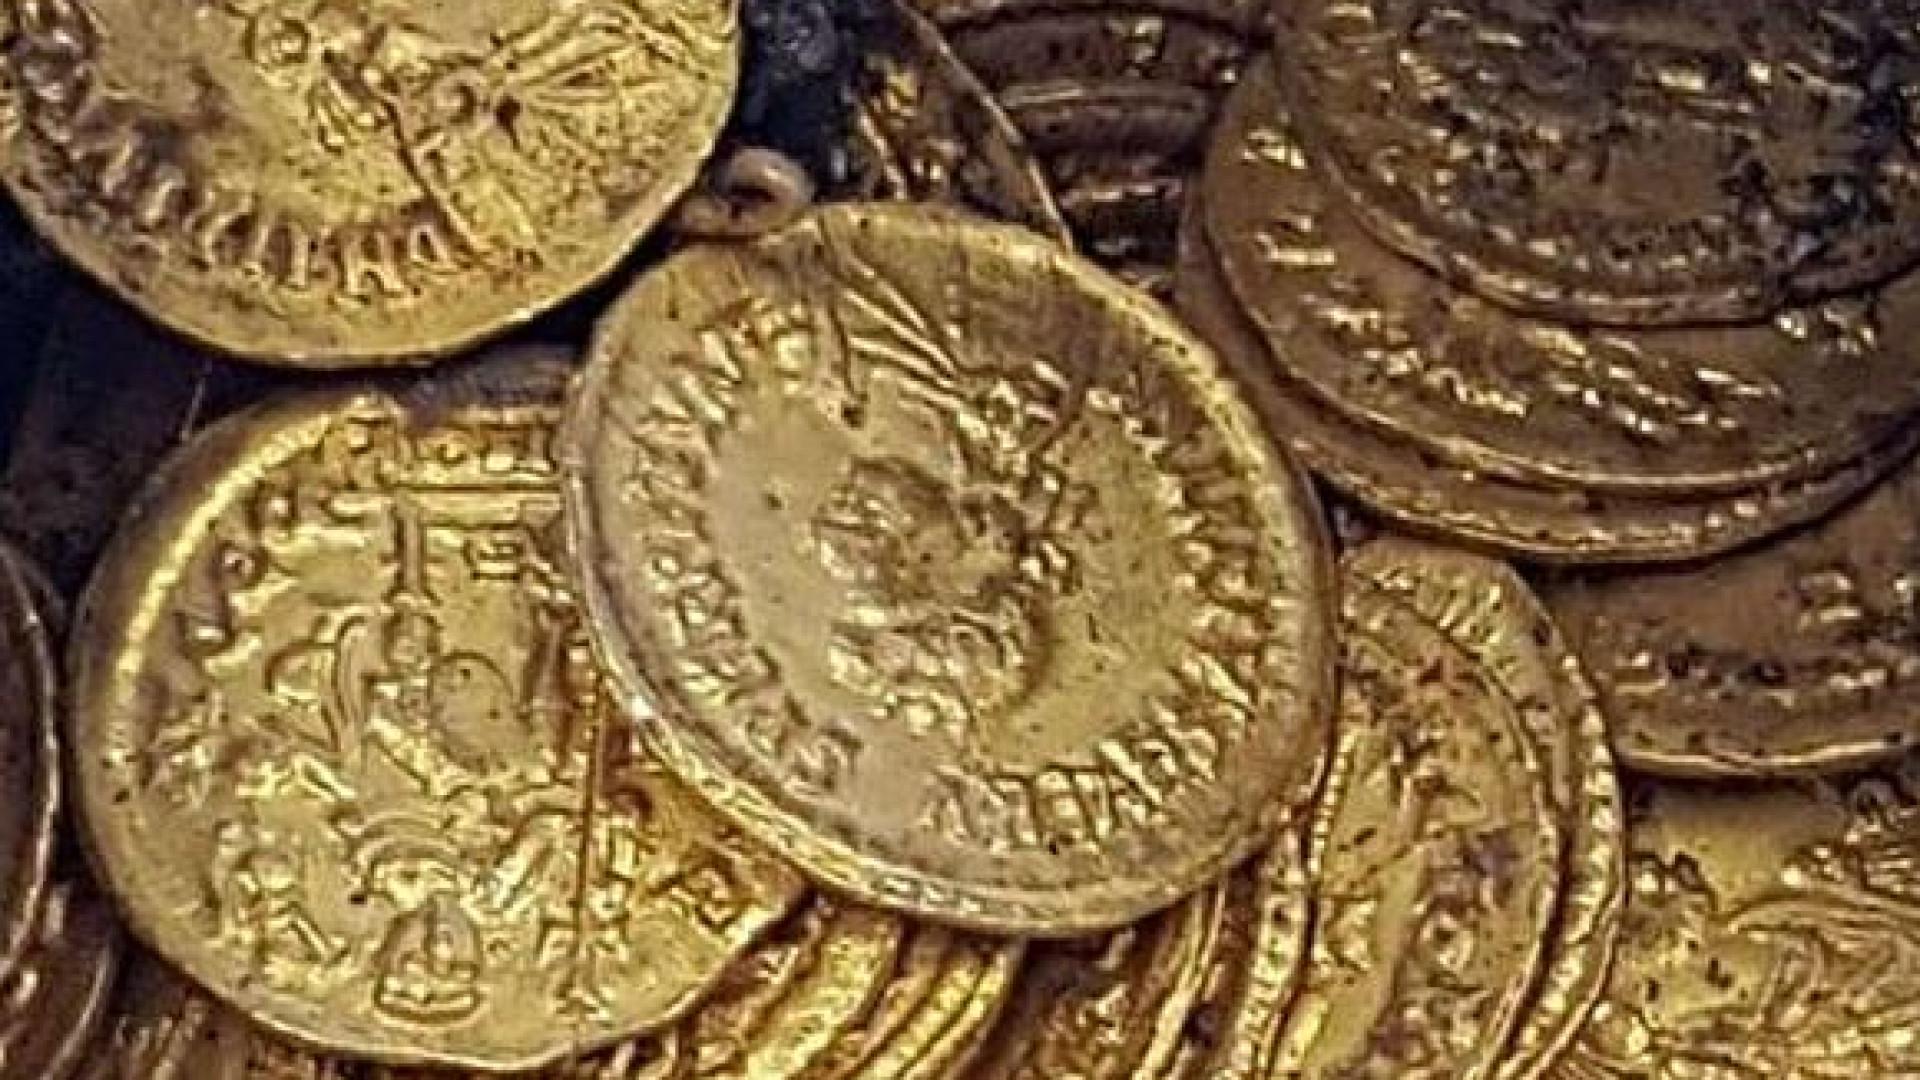 Centenas de moedas de ouro romanas encontradas em antigo teatro italiano